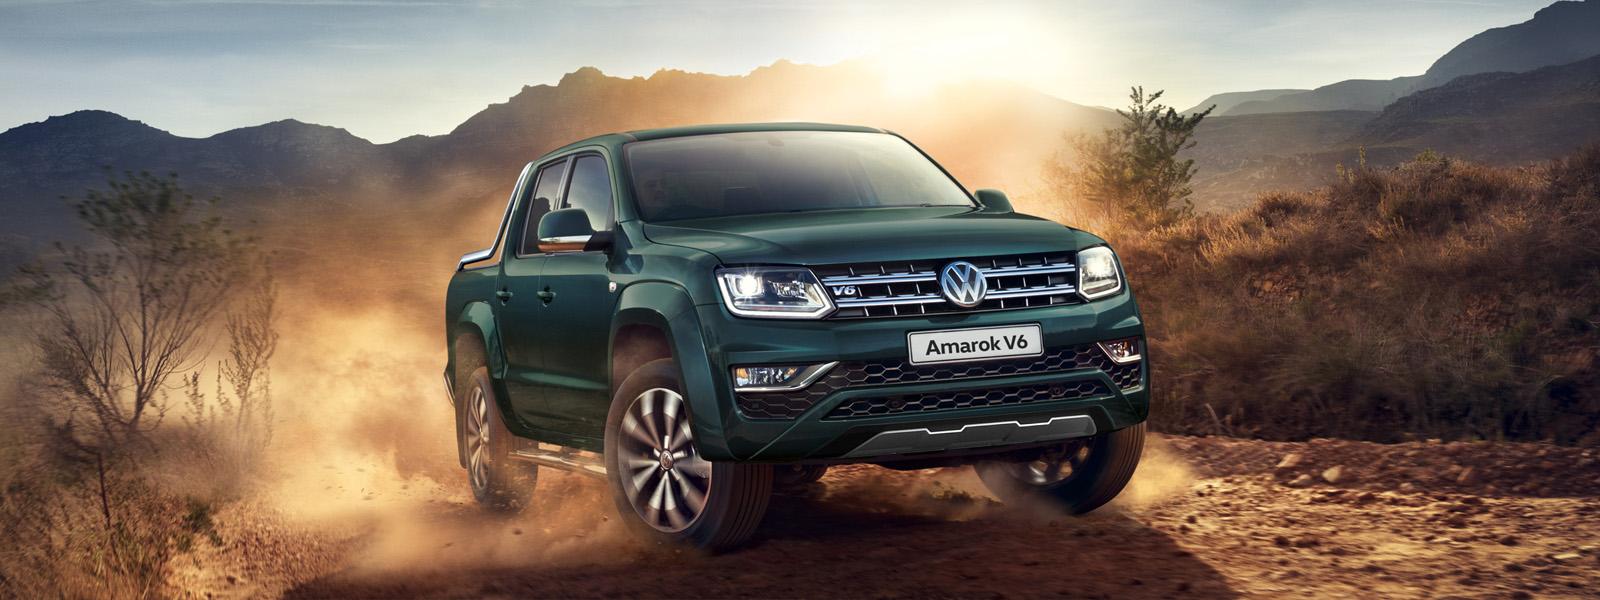 New Volkswagen Amarok V6 for sale - Mt Gravatt Volkswagen